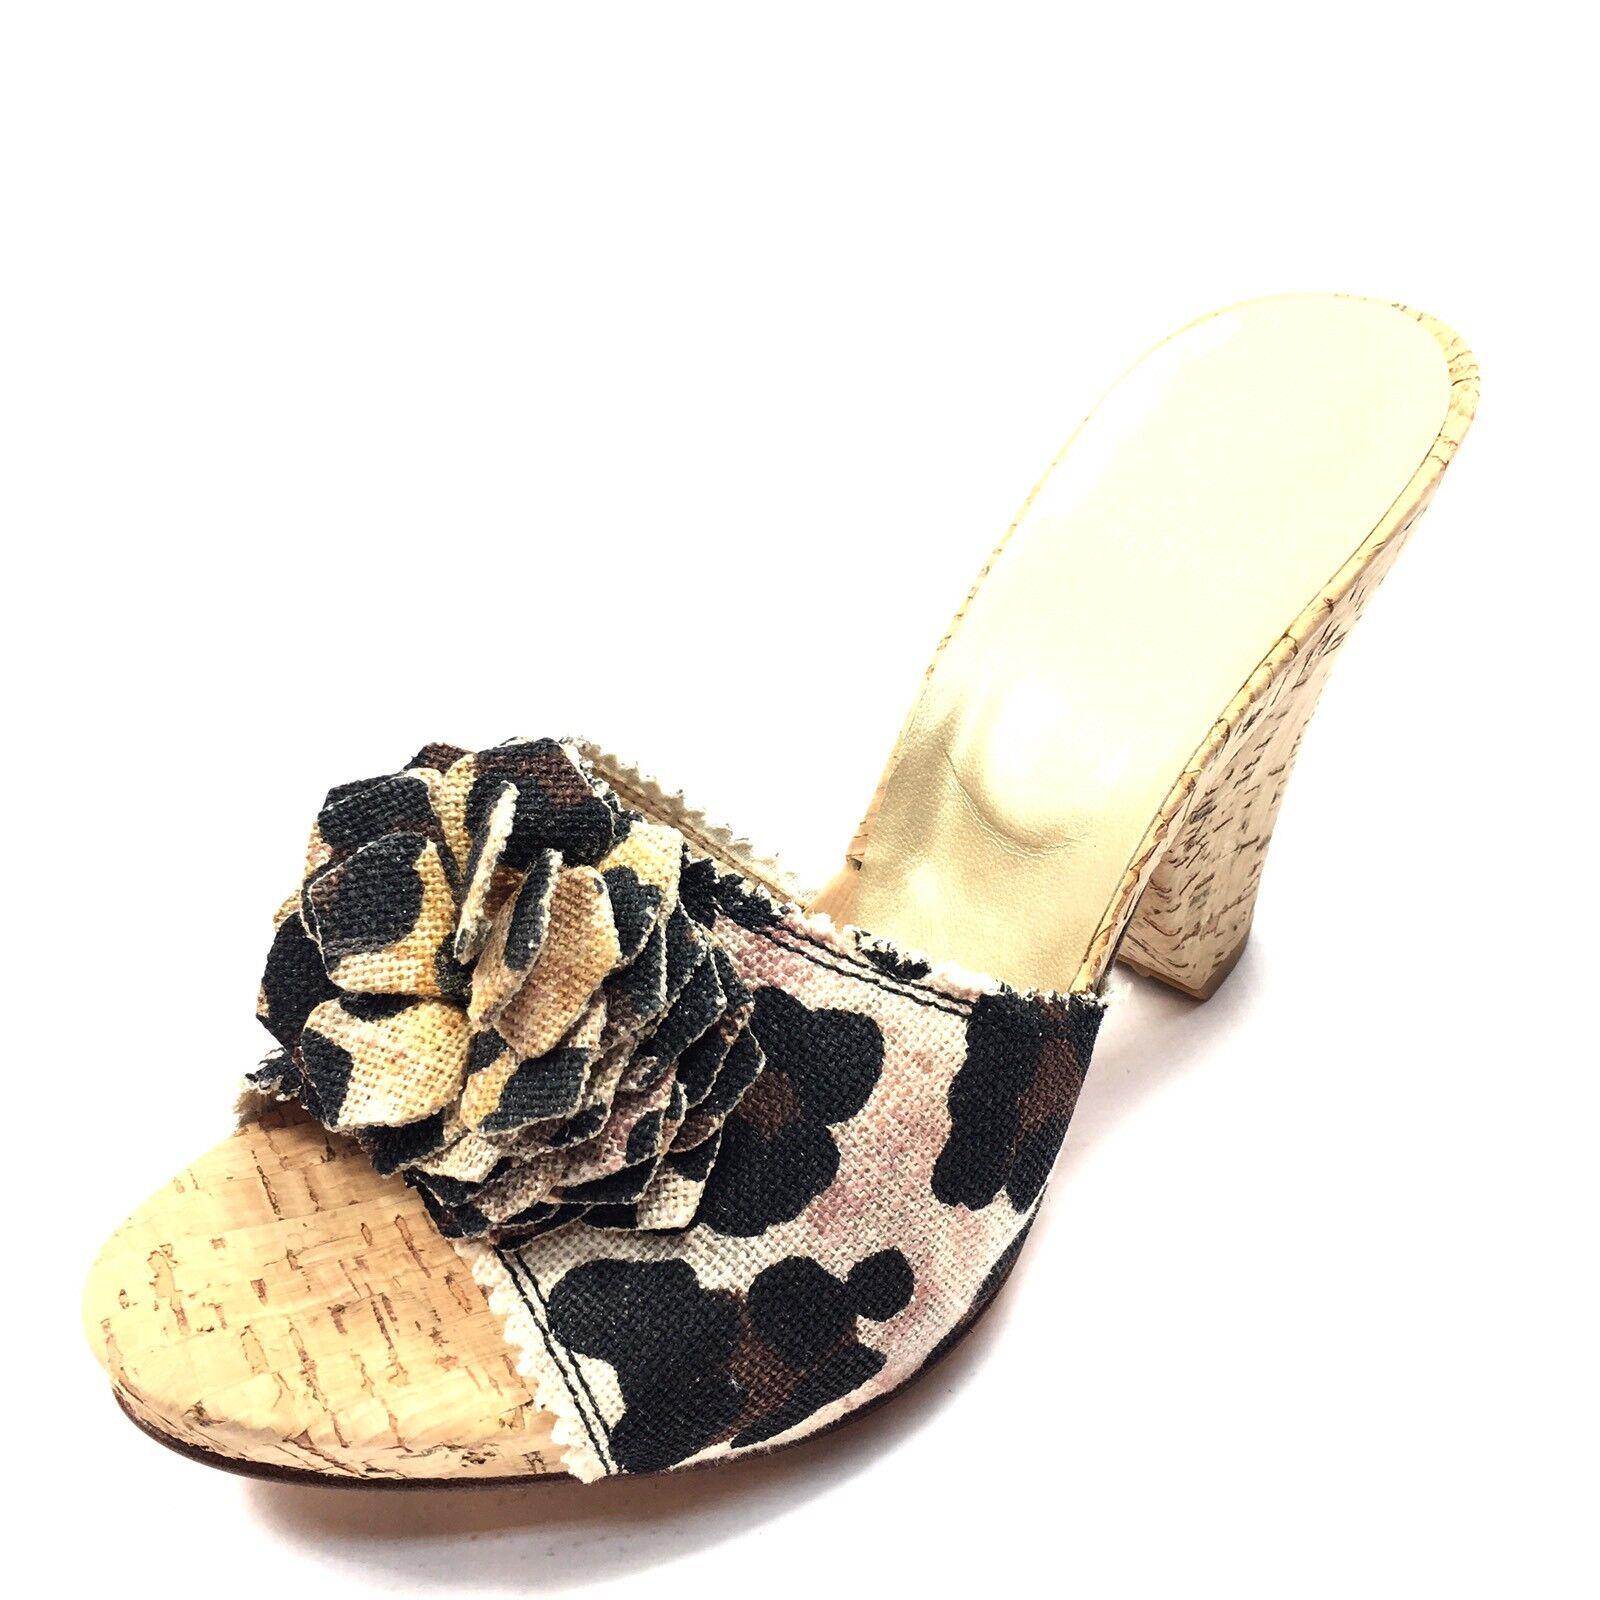 Stuart Weitzman Cheetah Print Open Toe Cork Wedge Sandals Women's Size 8.5 M